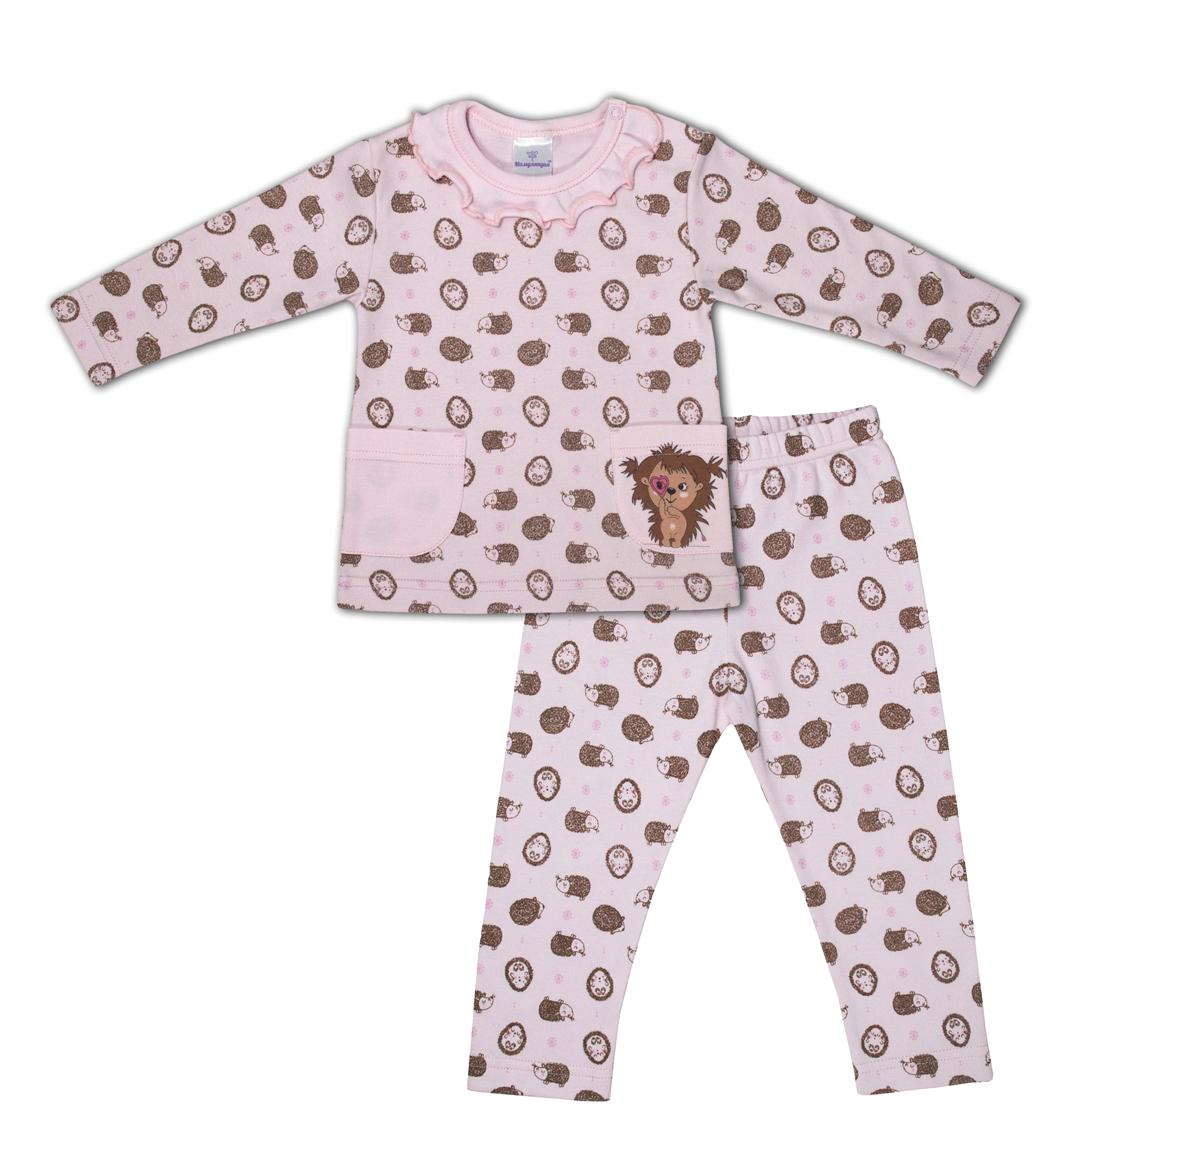 Комплект одежды для девочки Мамуляндия: брюки, джемпер, цвет: розовый. 17-19004. Размер 86 водолазки и лонгсливы мамуляндия джемпер ягодки 17 206